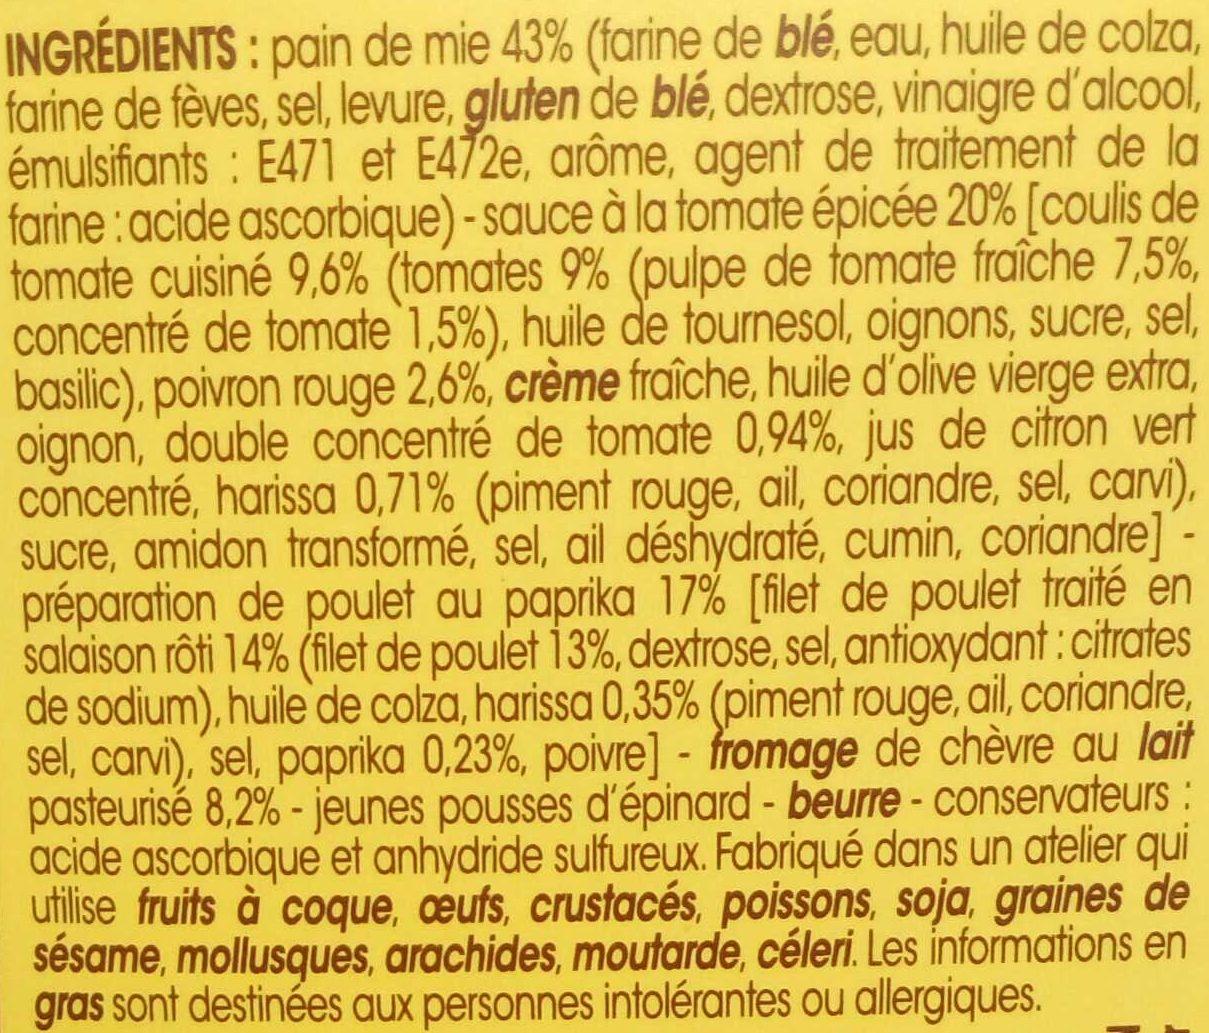 Le Délicieux Poulet rôti Chèvre Paprika - Ingrédients - fr